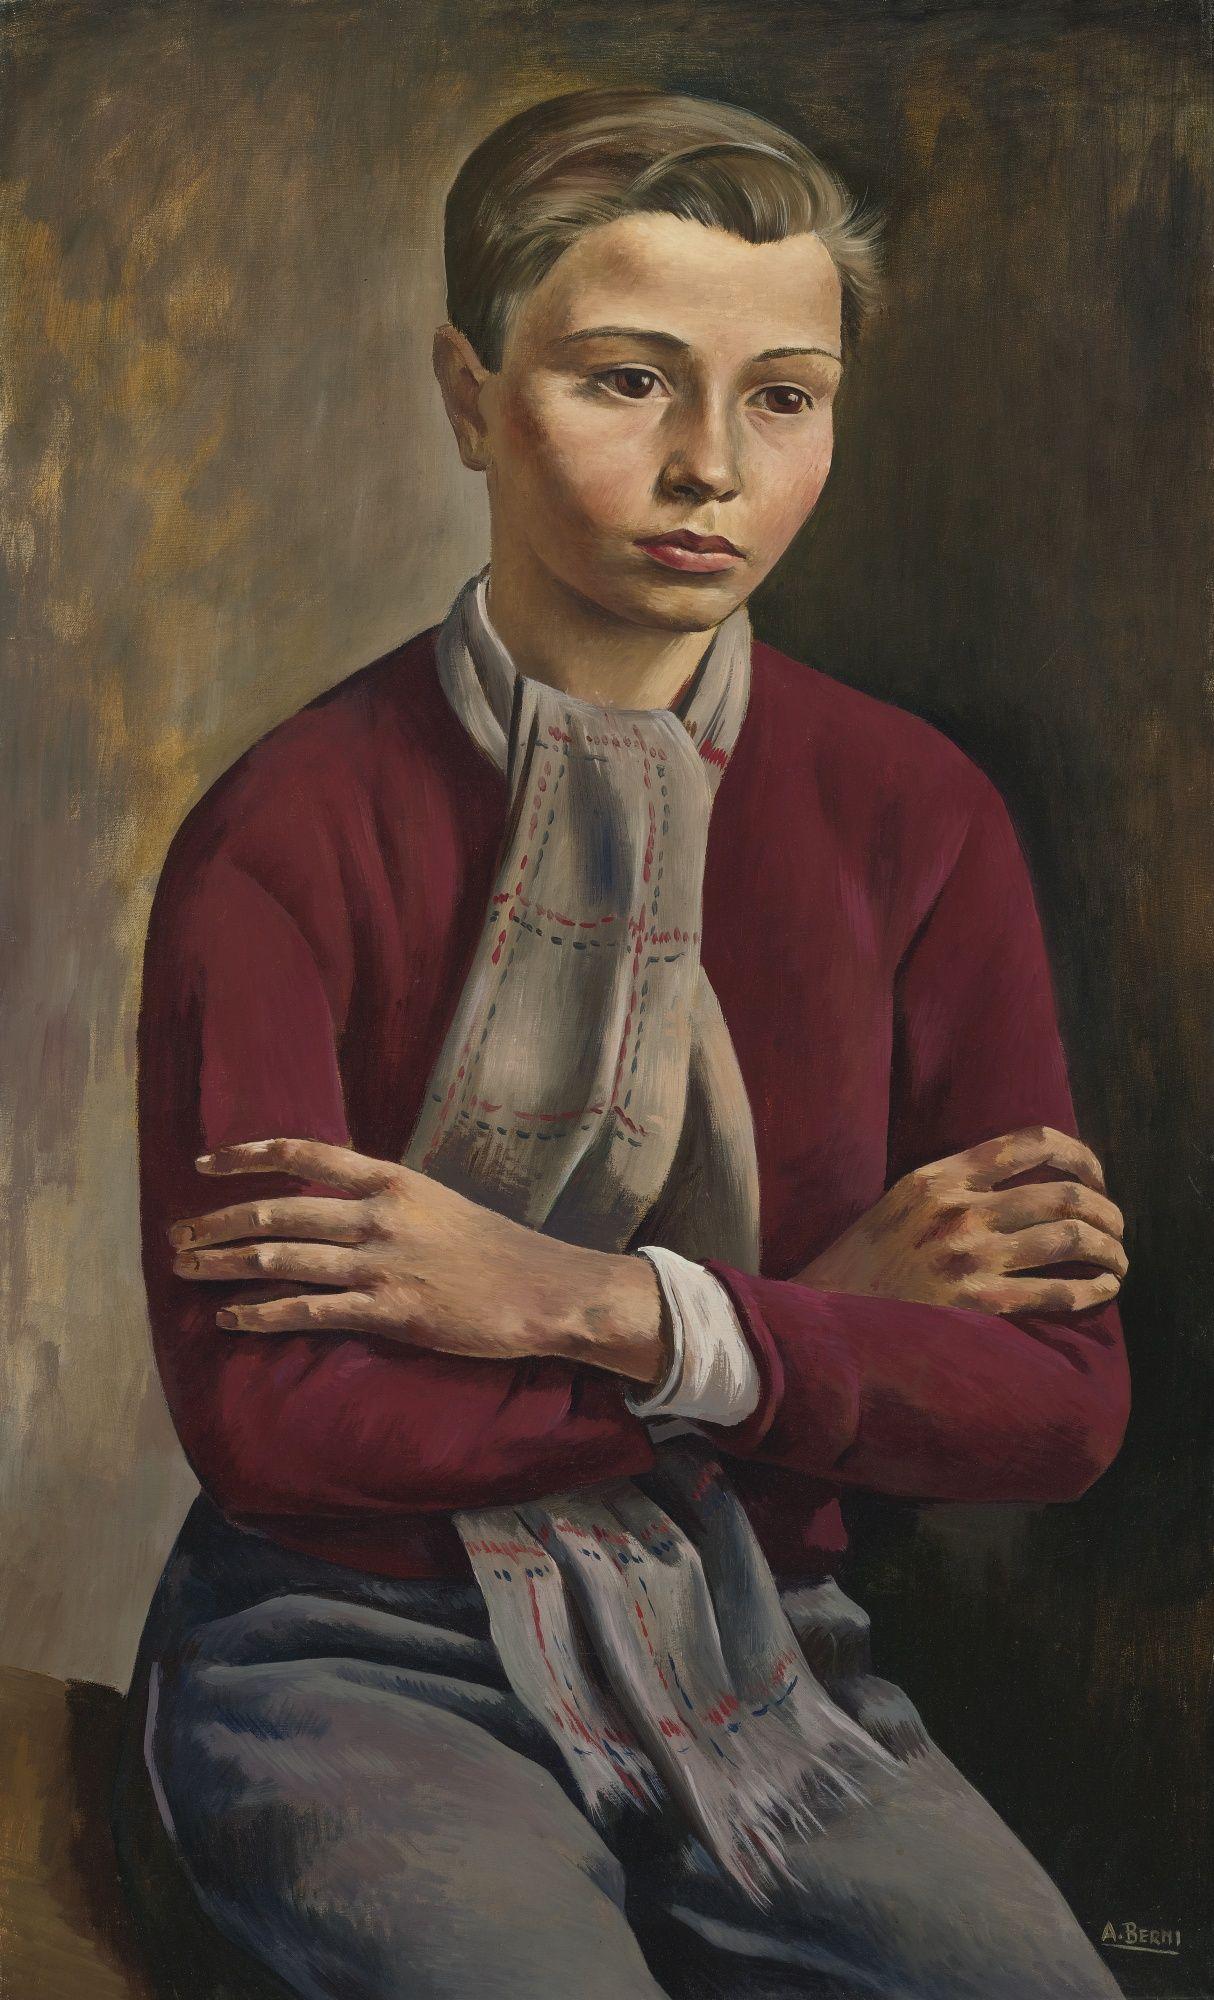 'Seated Boy' by Antonio Berni (Argentinian 1905-1981)